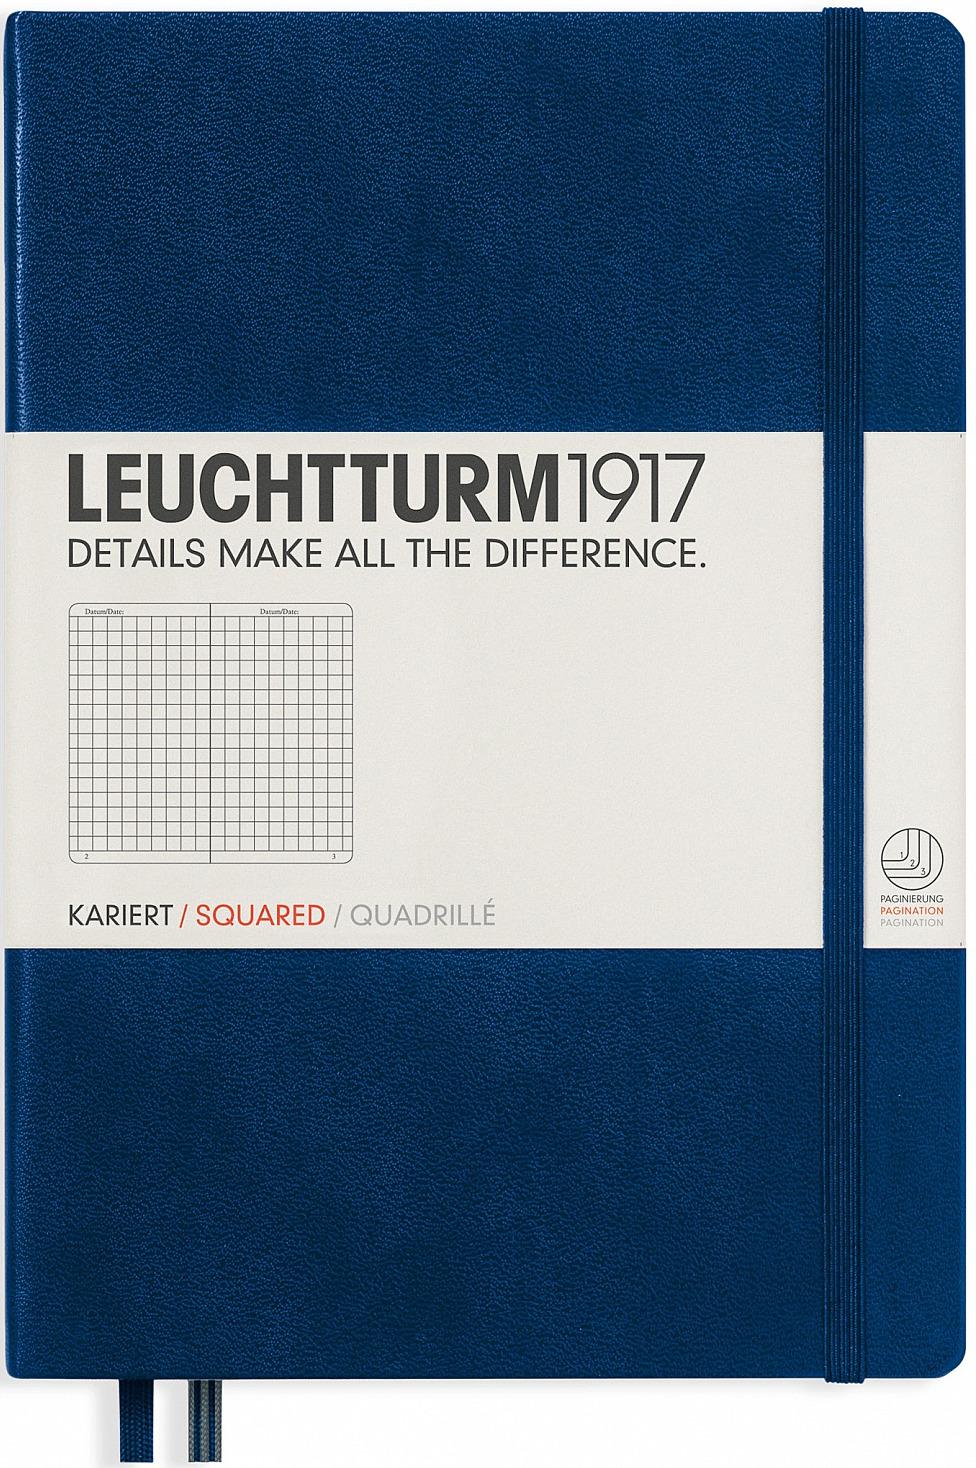 Записная книжка Leuchtturm1917, 342923, темно-синий, A5 (148 x 210 мм), в клетку, 125 листов